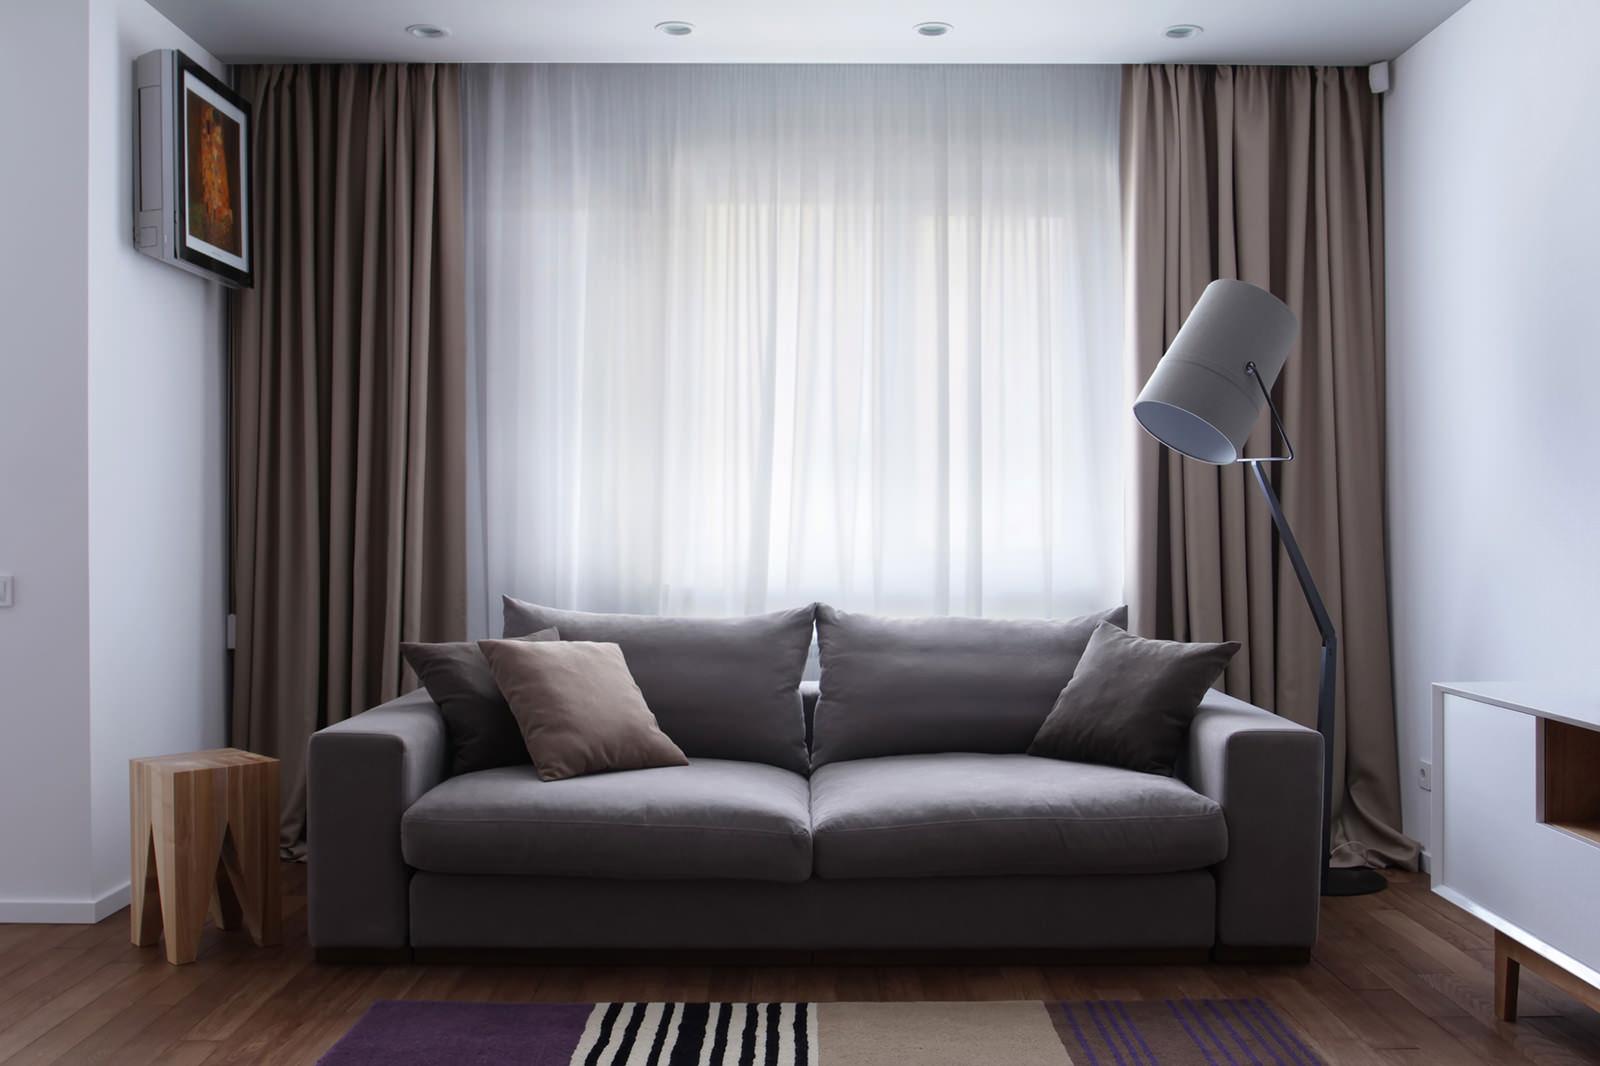 apartament-s-nestandarten-interior-v-skandinavski-stil-5g